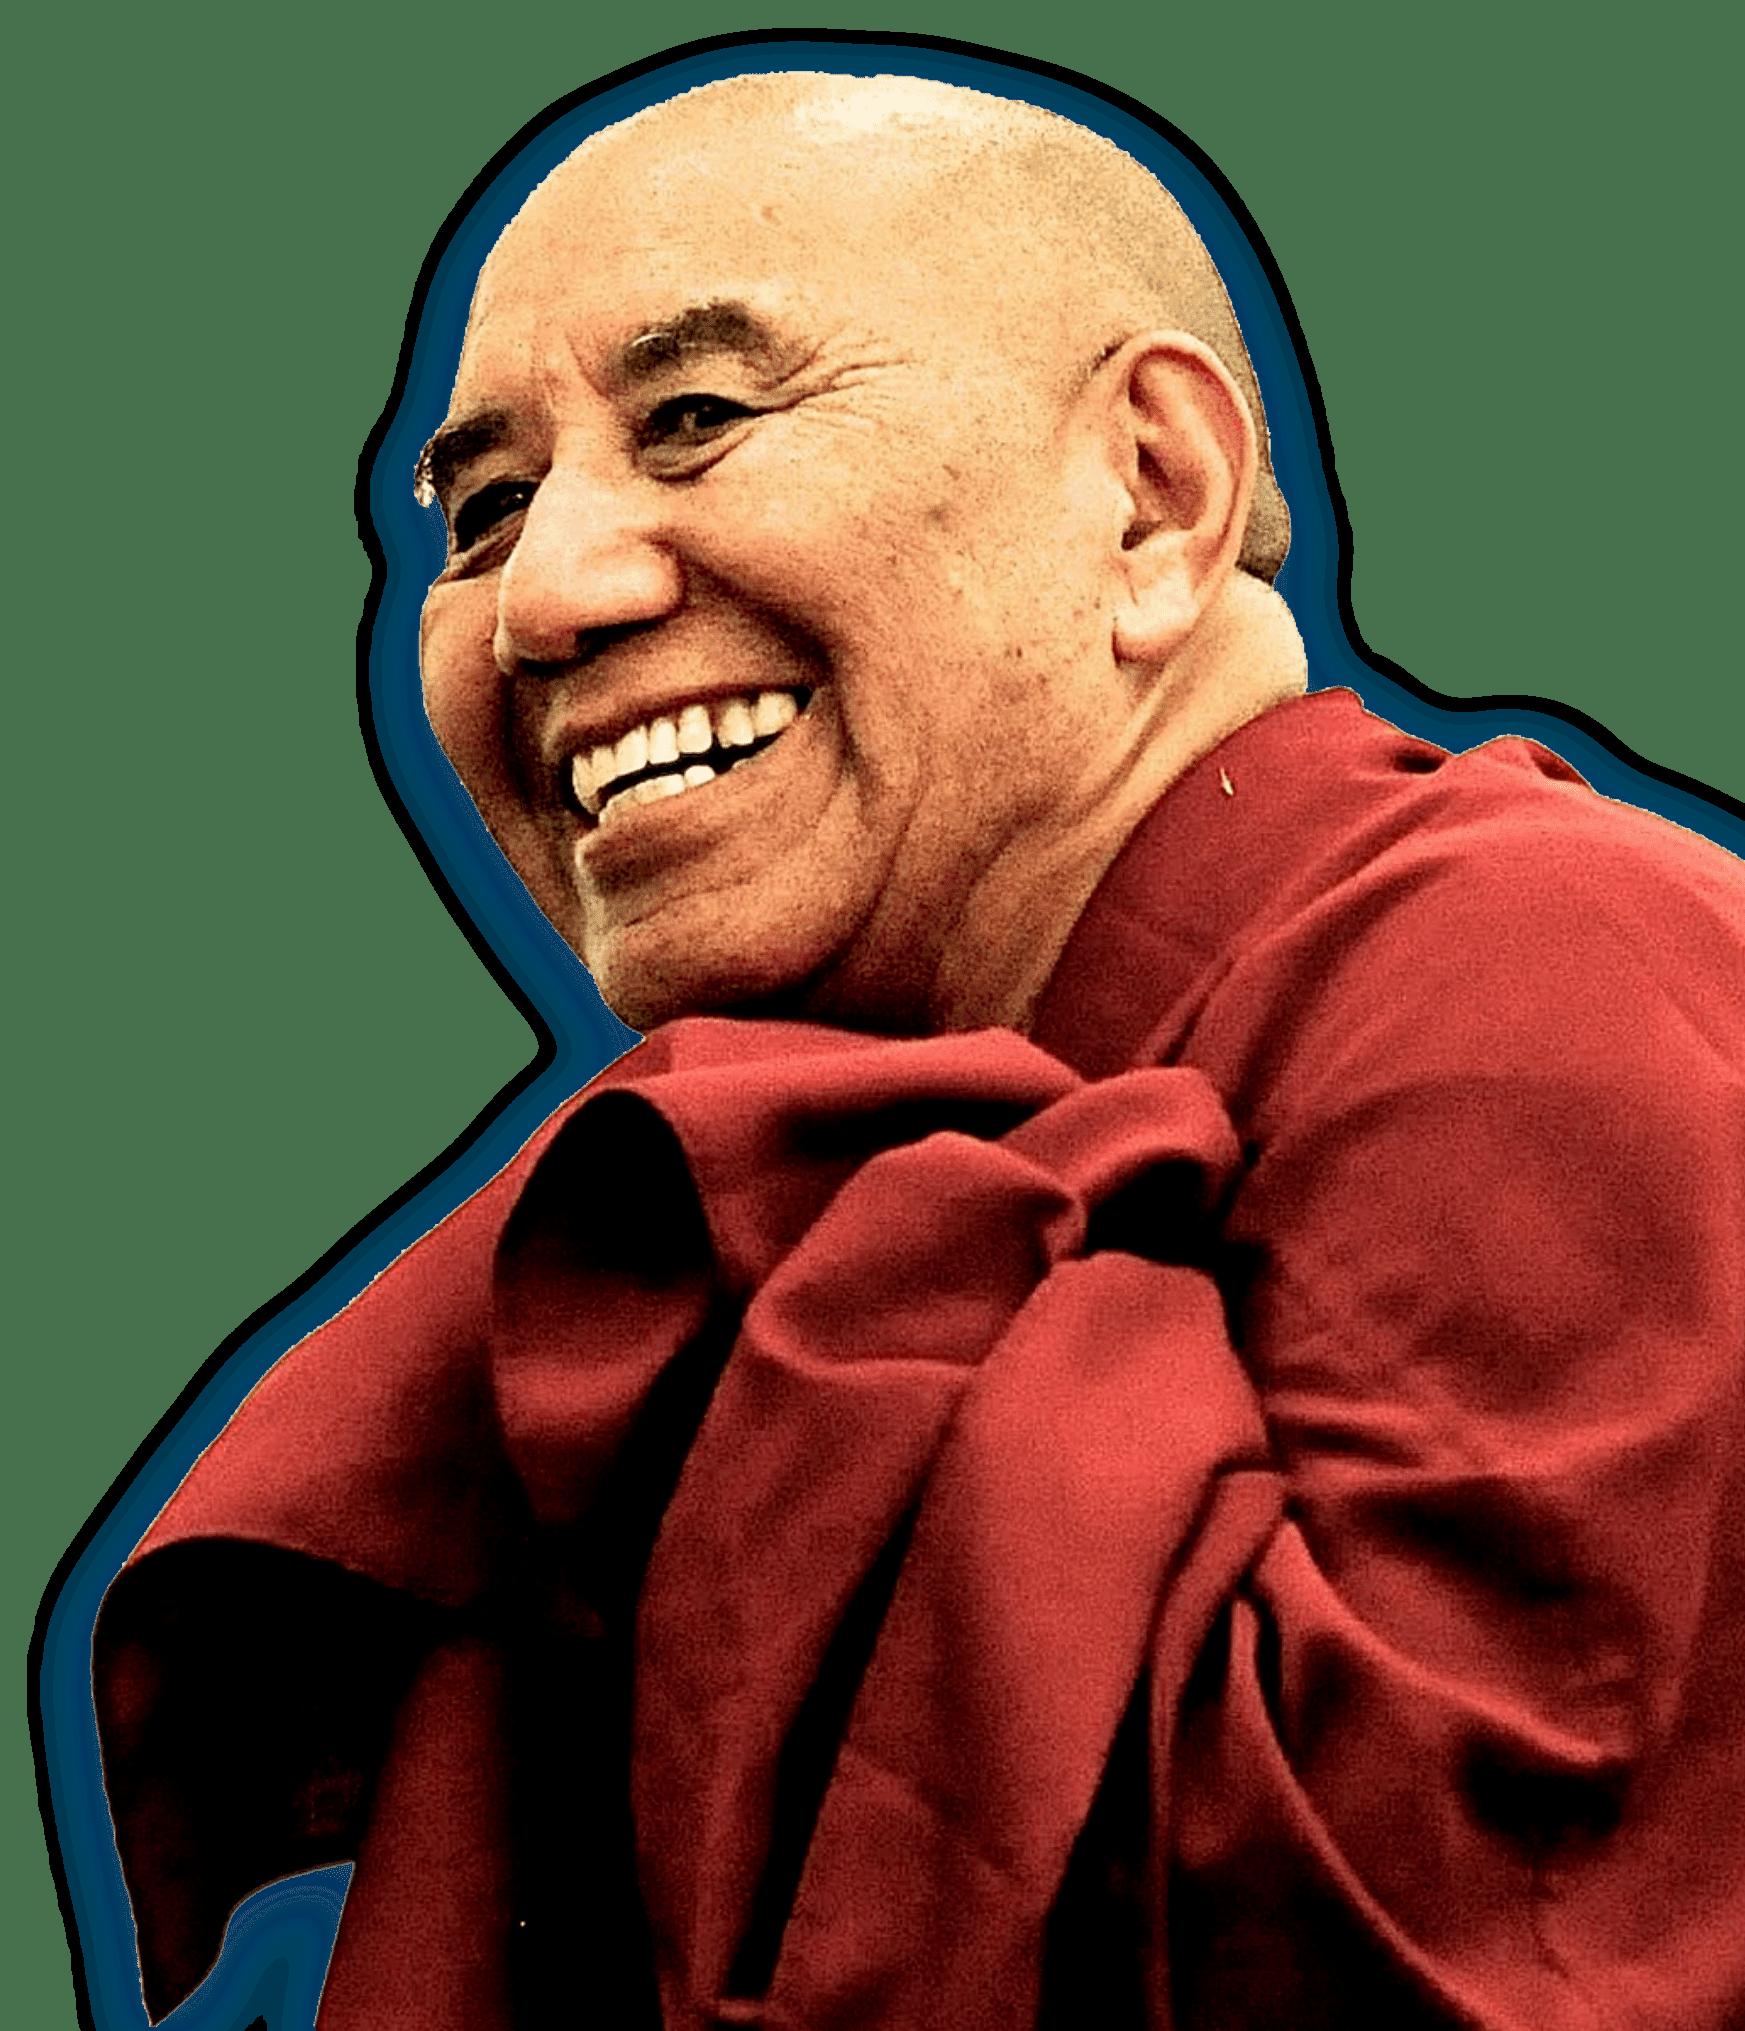 Khensur Rinpoche